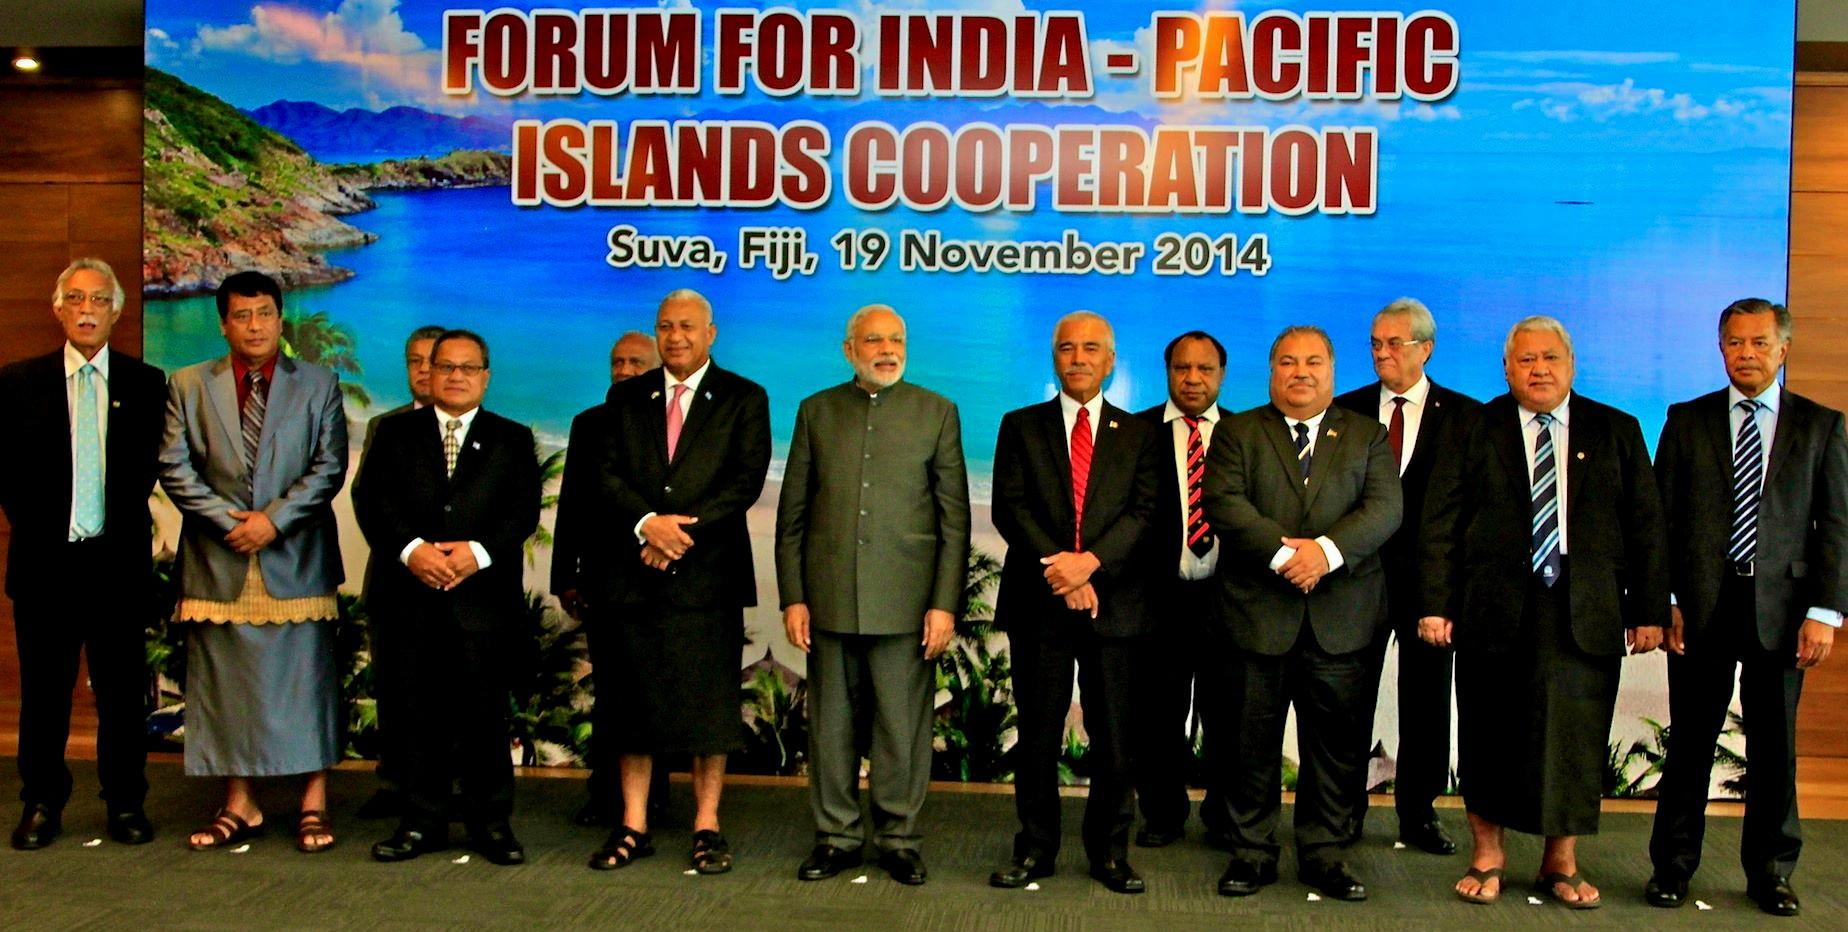 Le Premier ministre indien Narendra Modi entouré des dirigeants océaniens à l'occasion d'une rencontre au sommet à Suva